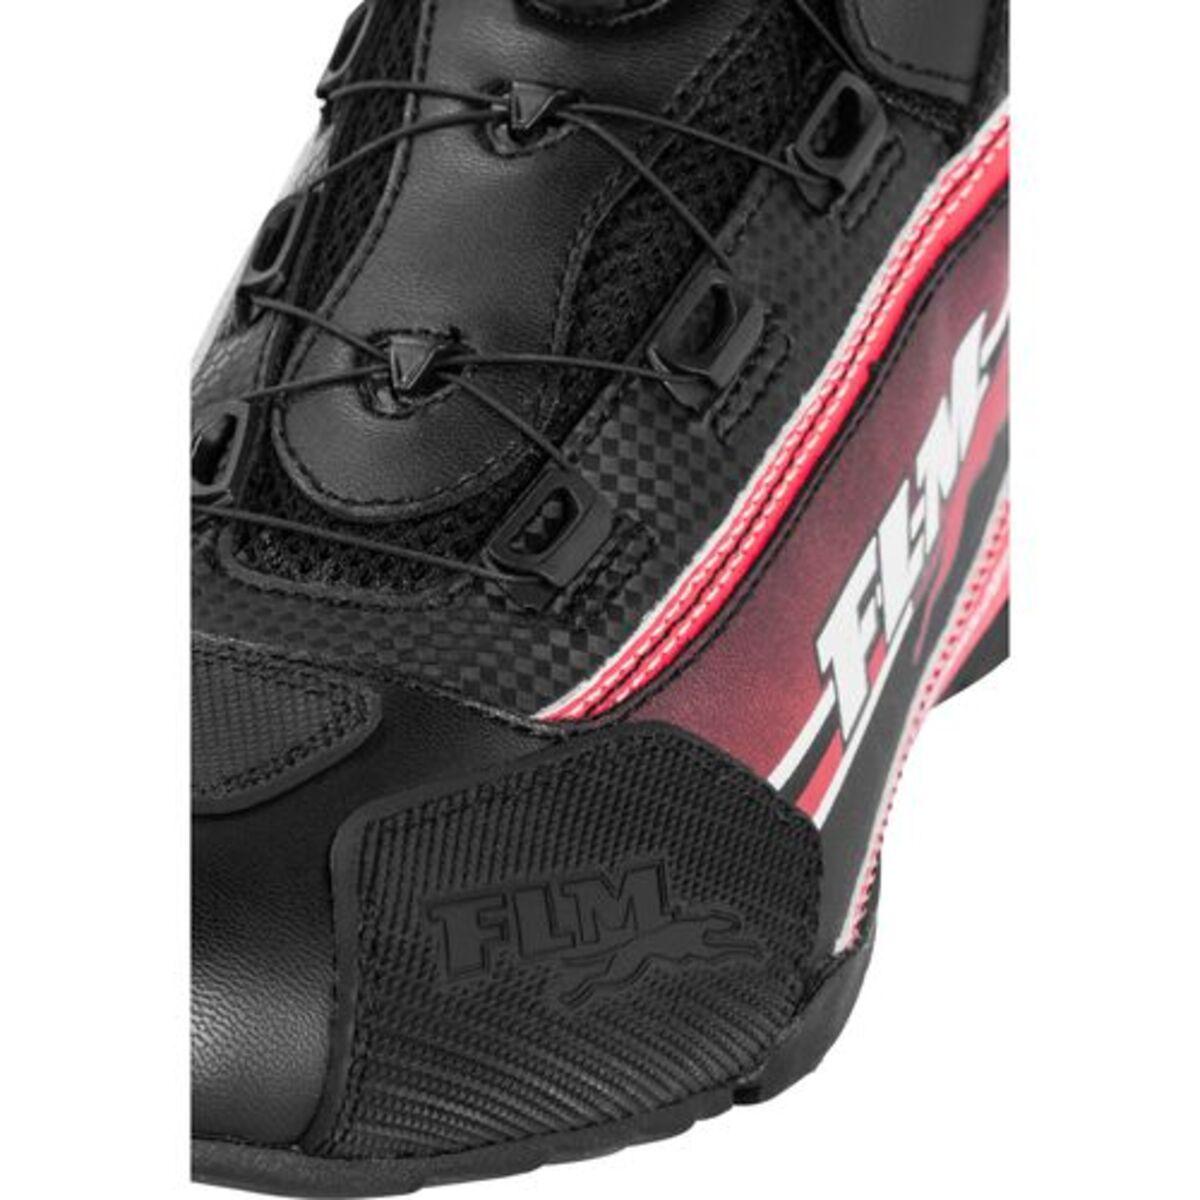 Bild 4 von FLM            Sports Schuh 1.2 schwarz/rot